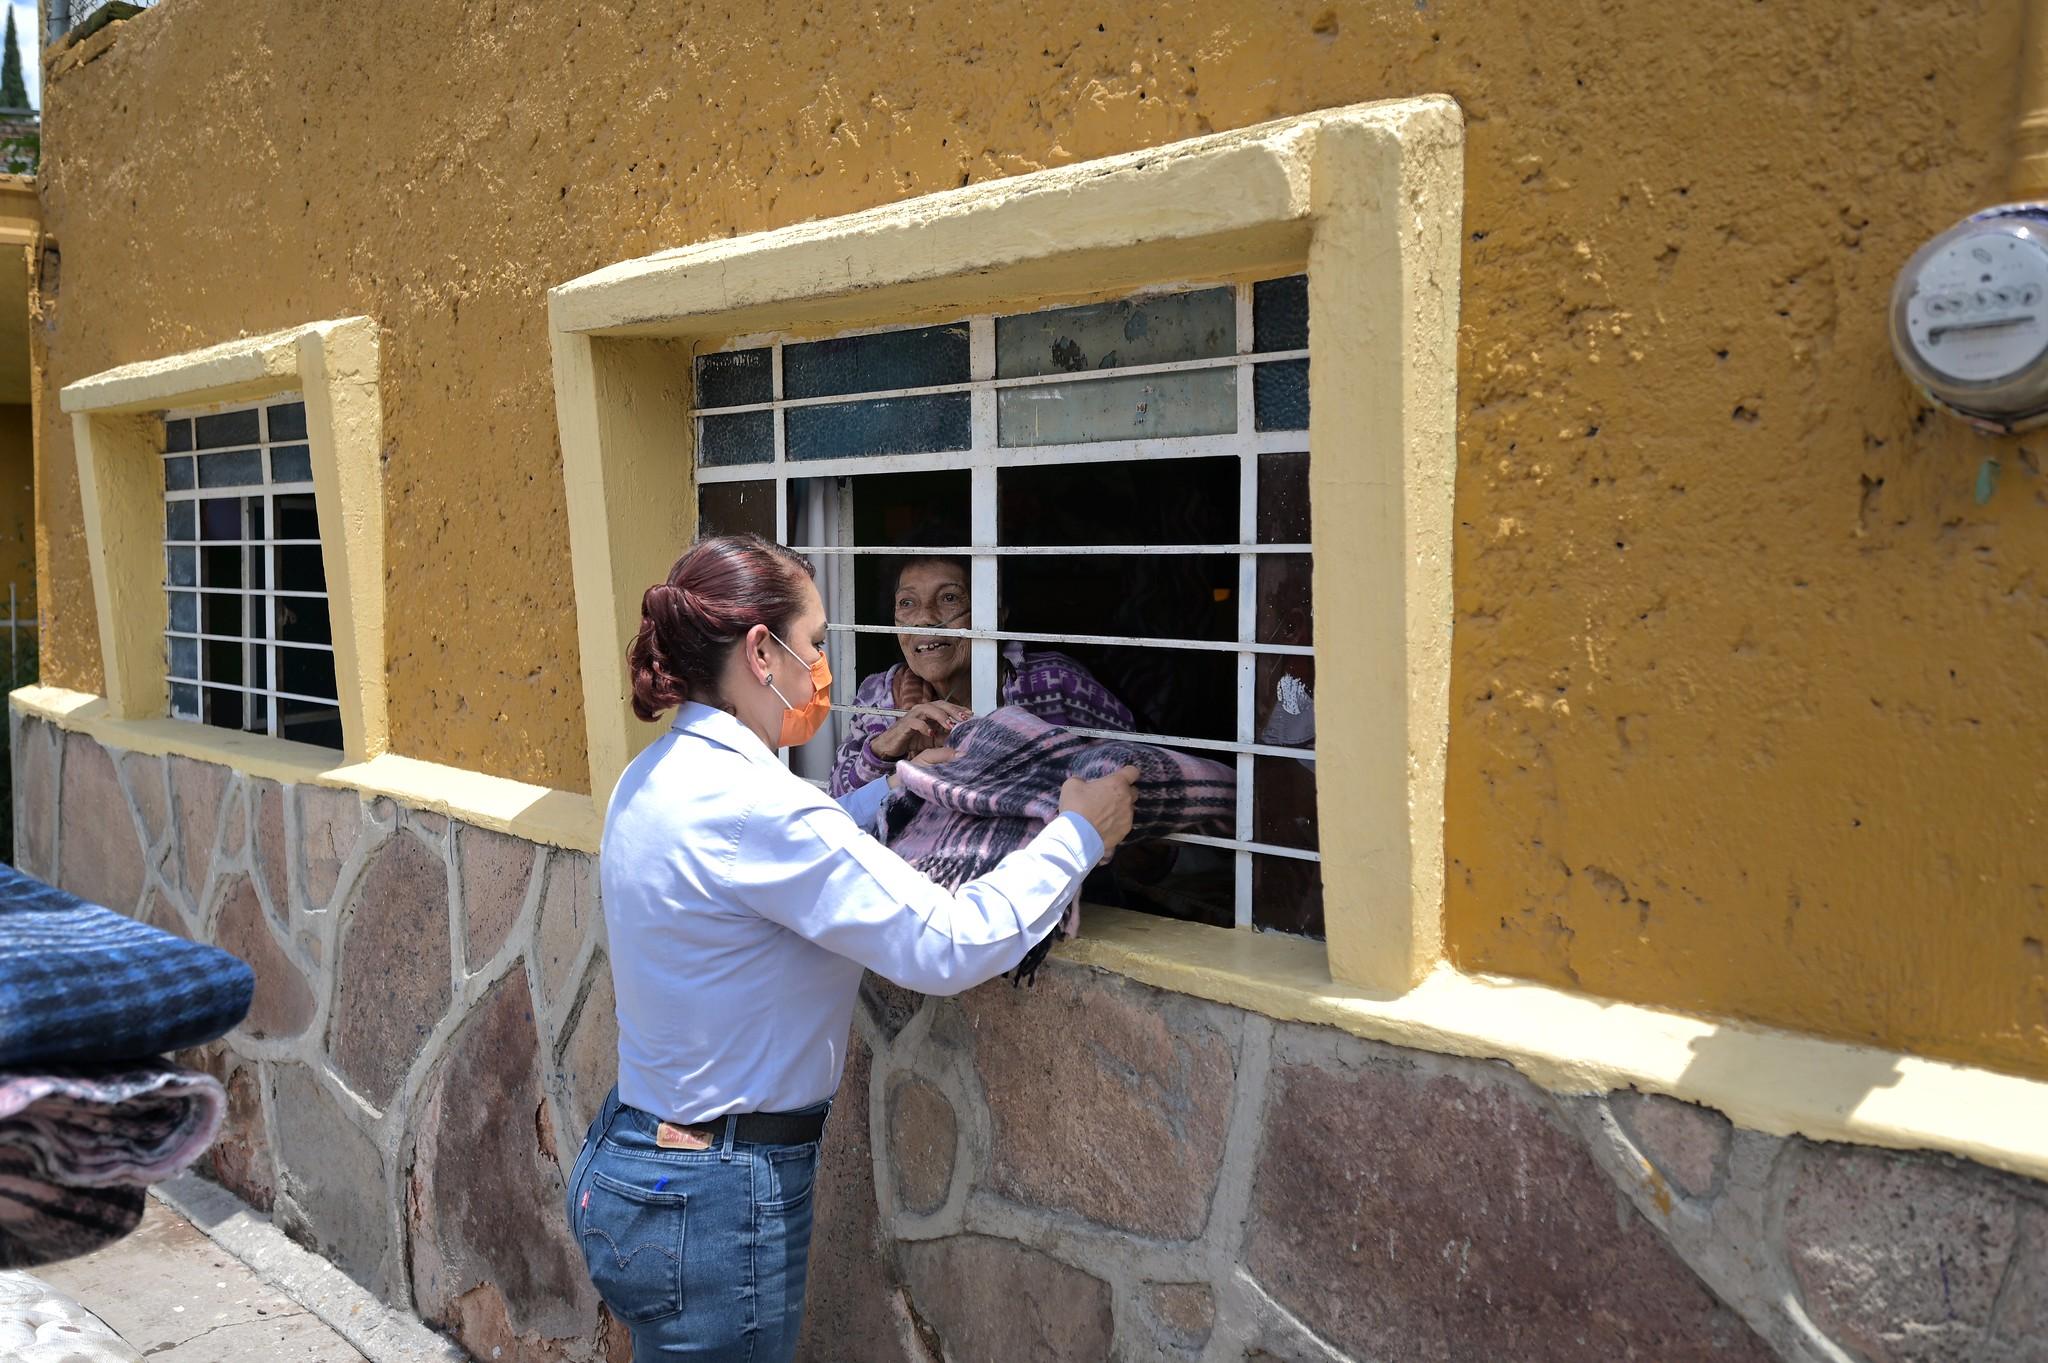 DIF Jalisco apoya al DIF municipal en la entrega de apoyos asistenciales tras las inundaciones registradas en San Pedro Tlaquepaque.